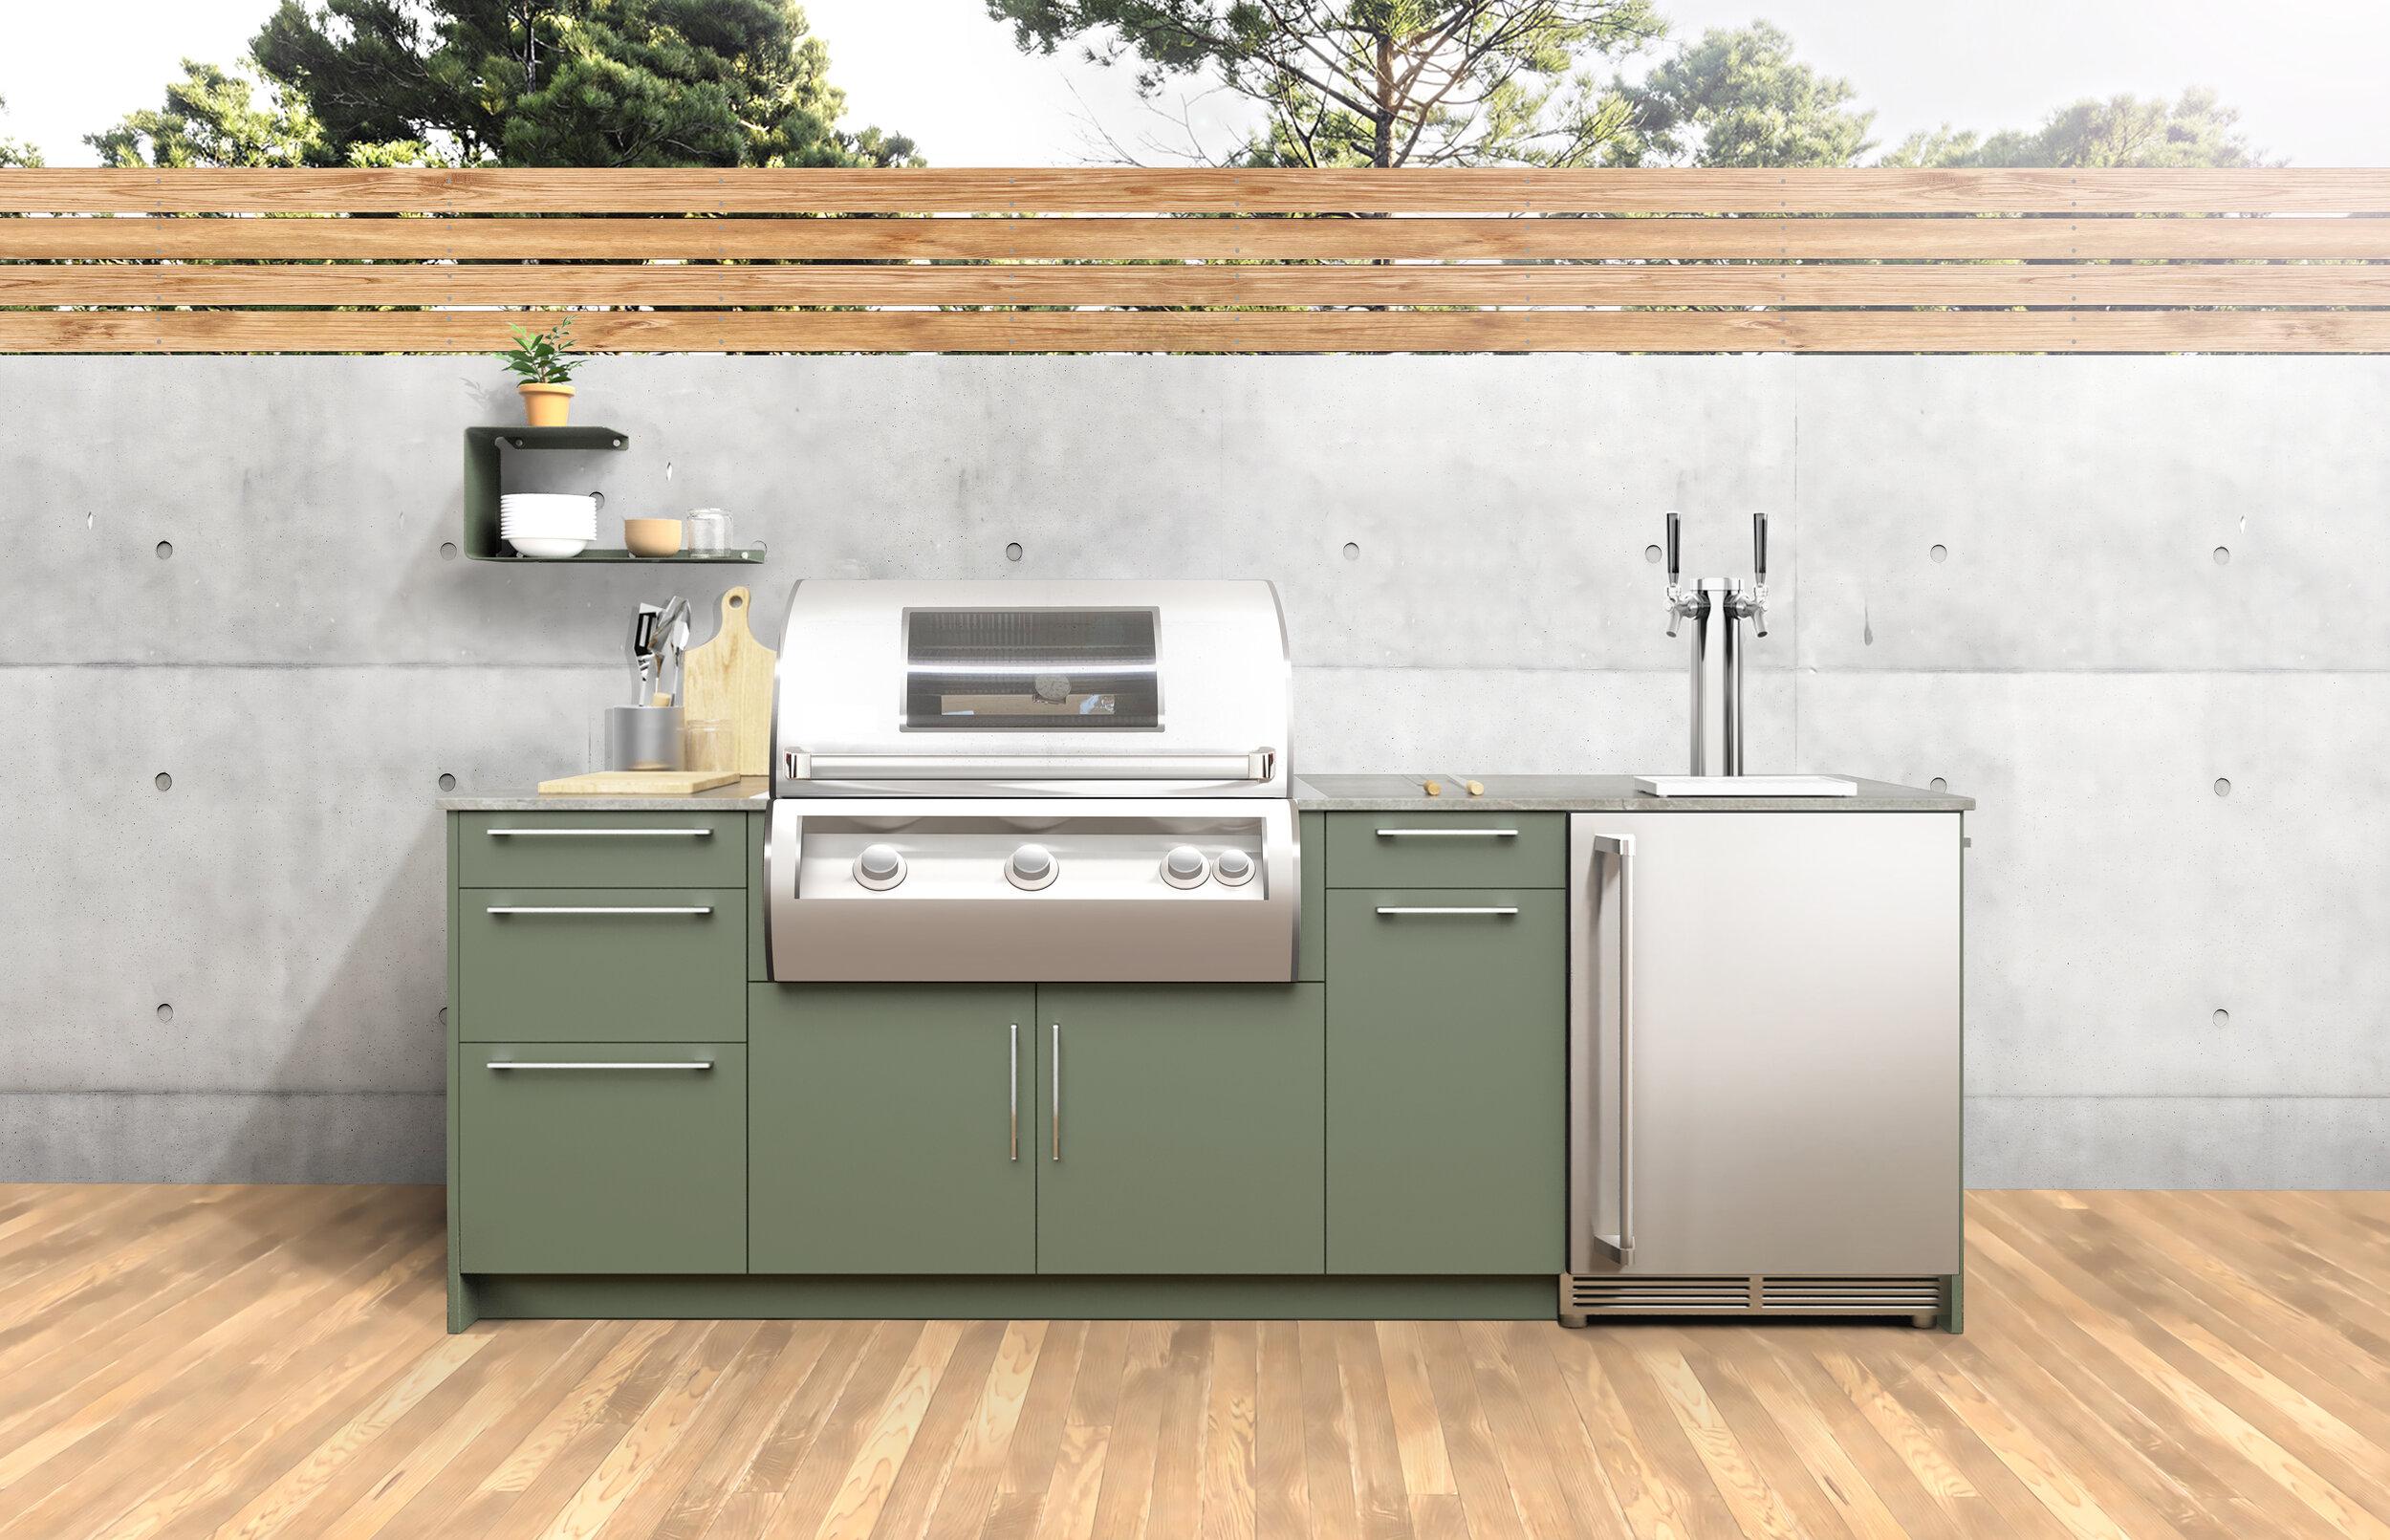 WestEdge Outdoor Kitchen 8'.jpg